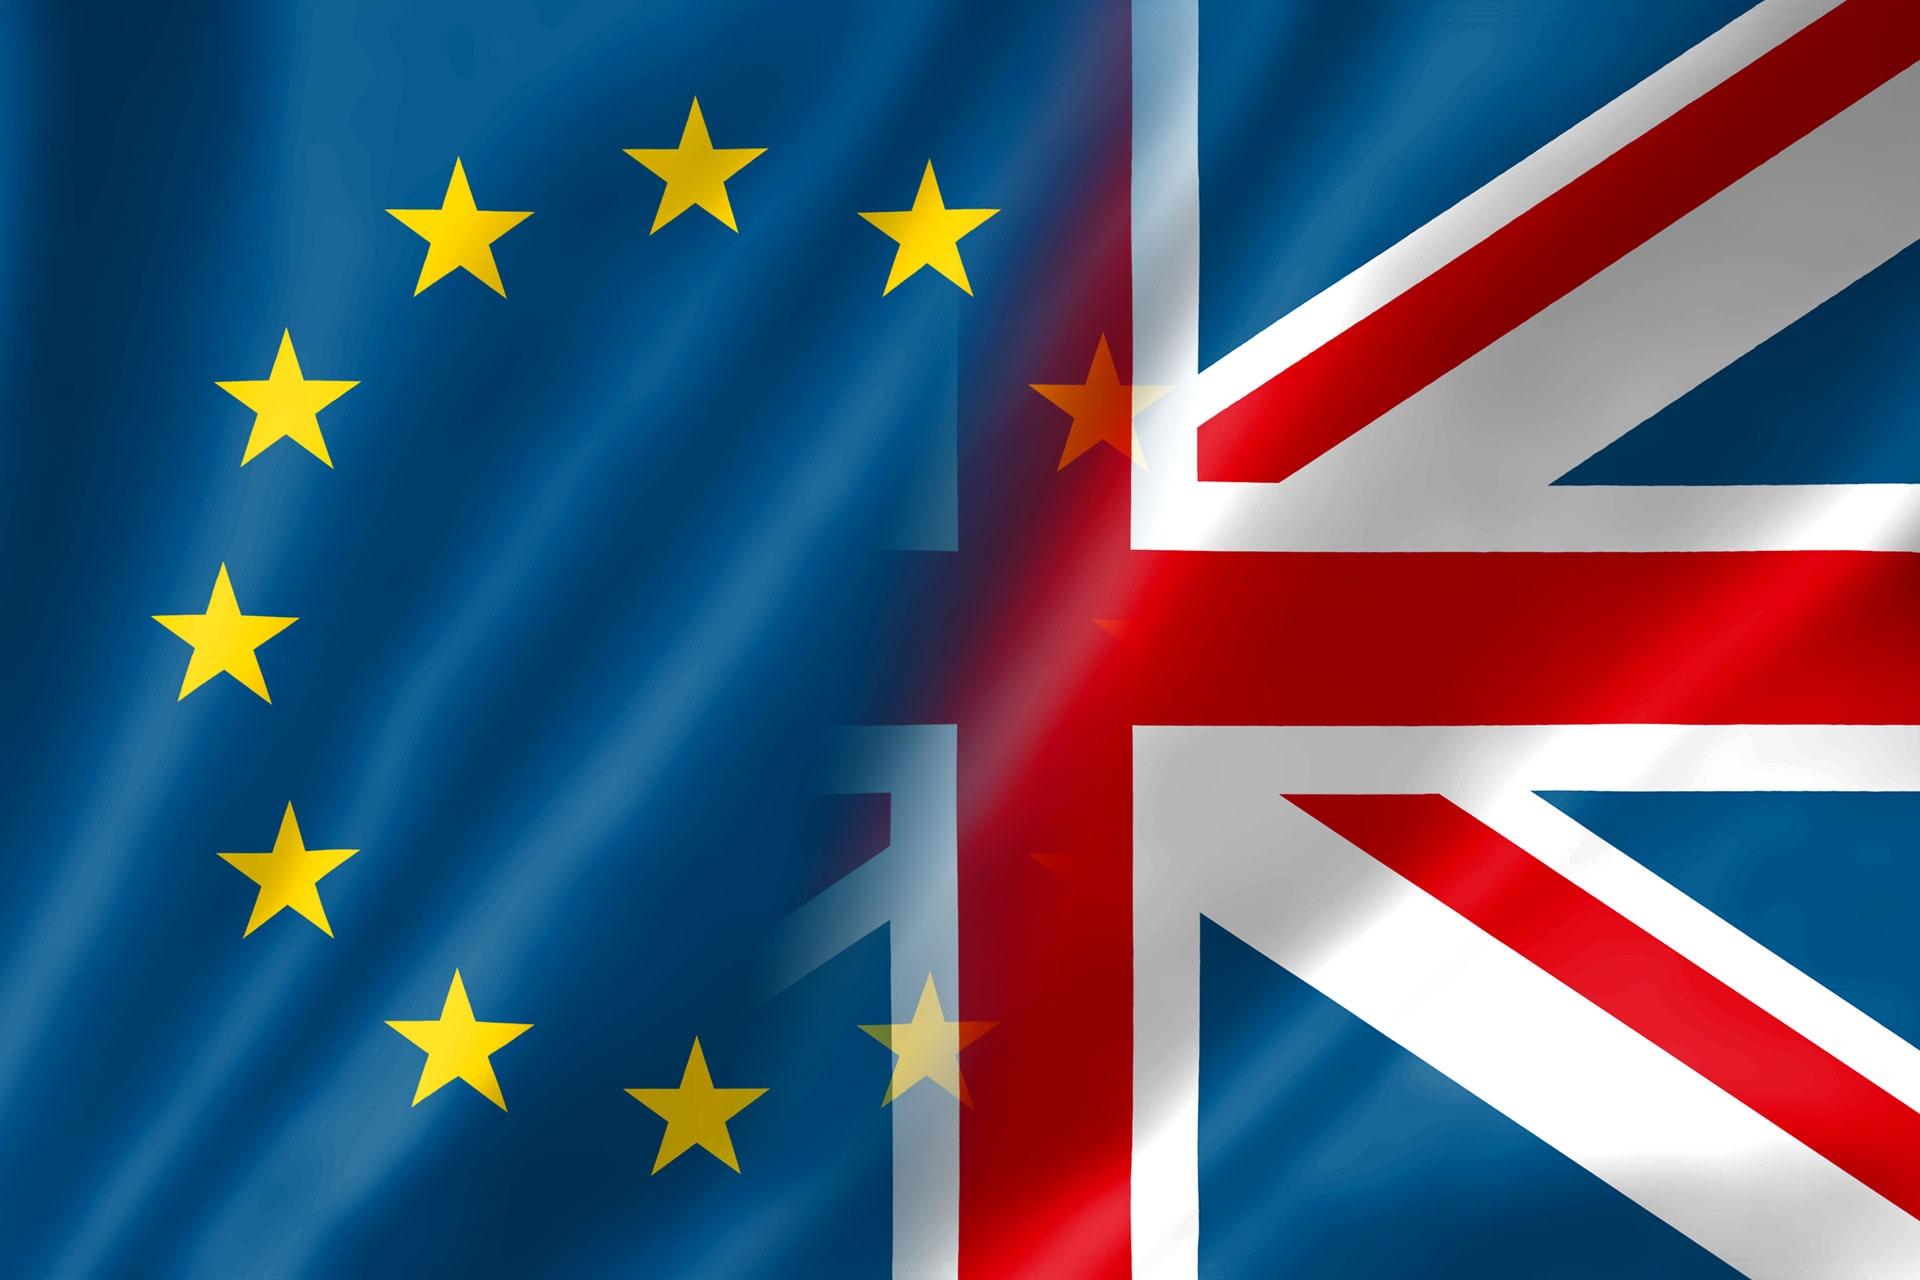 新コロナウイルスとイギリスのEU離脱